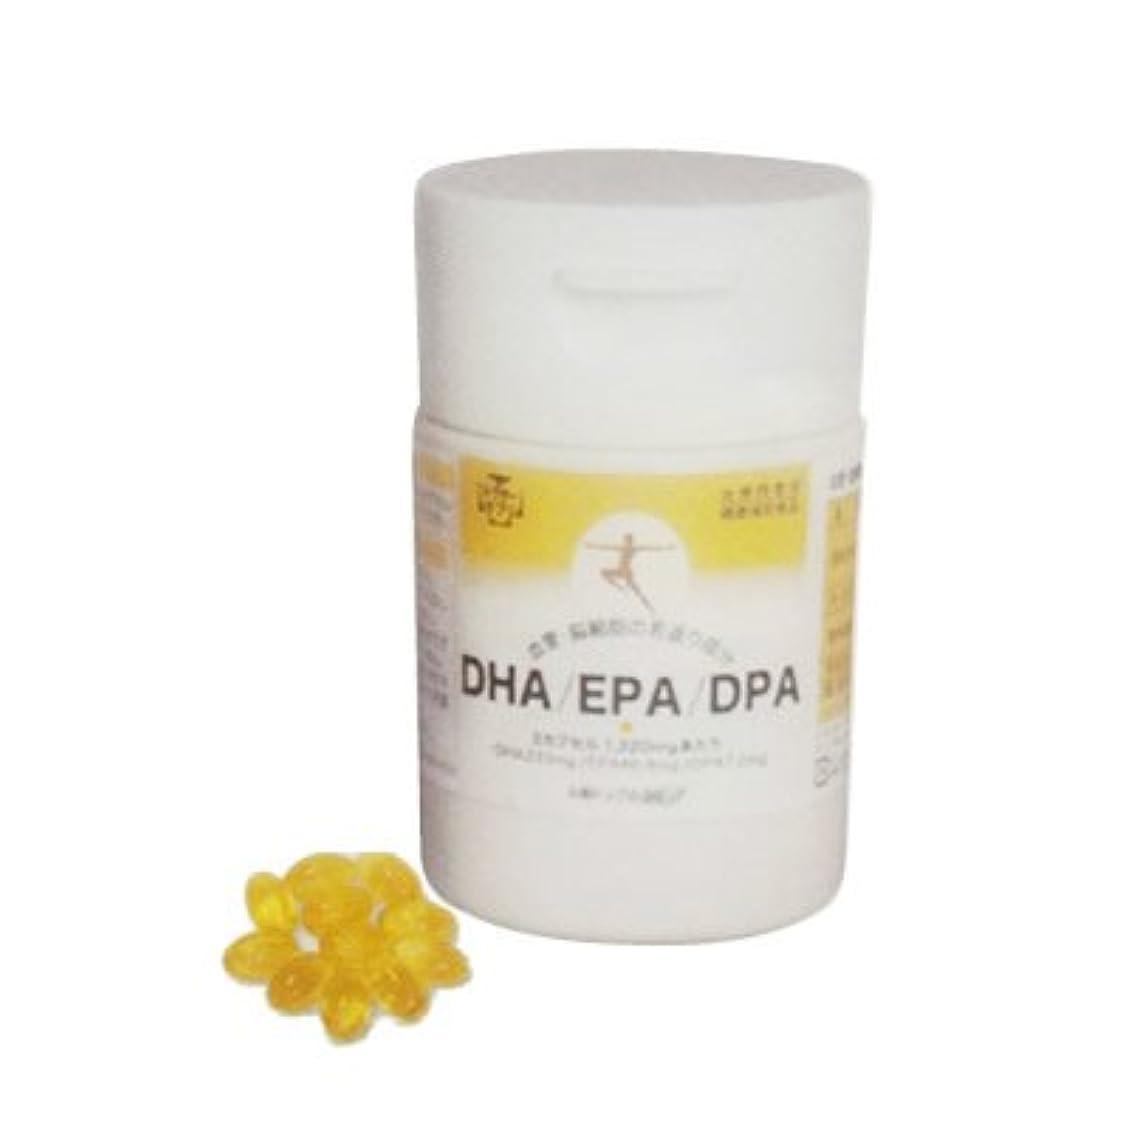 独裁者シンプルさ希望に満ちたDHA/EPA/DPA 400mg×90カプセル(ドクターサプリ/健康補助食品シリーズ)